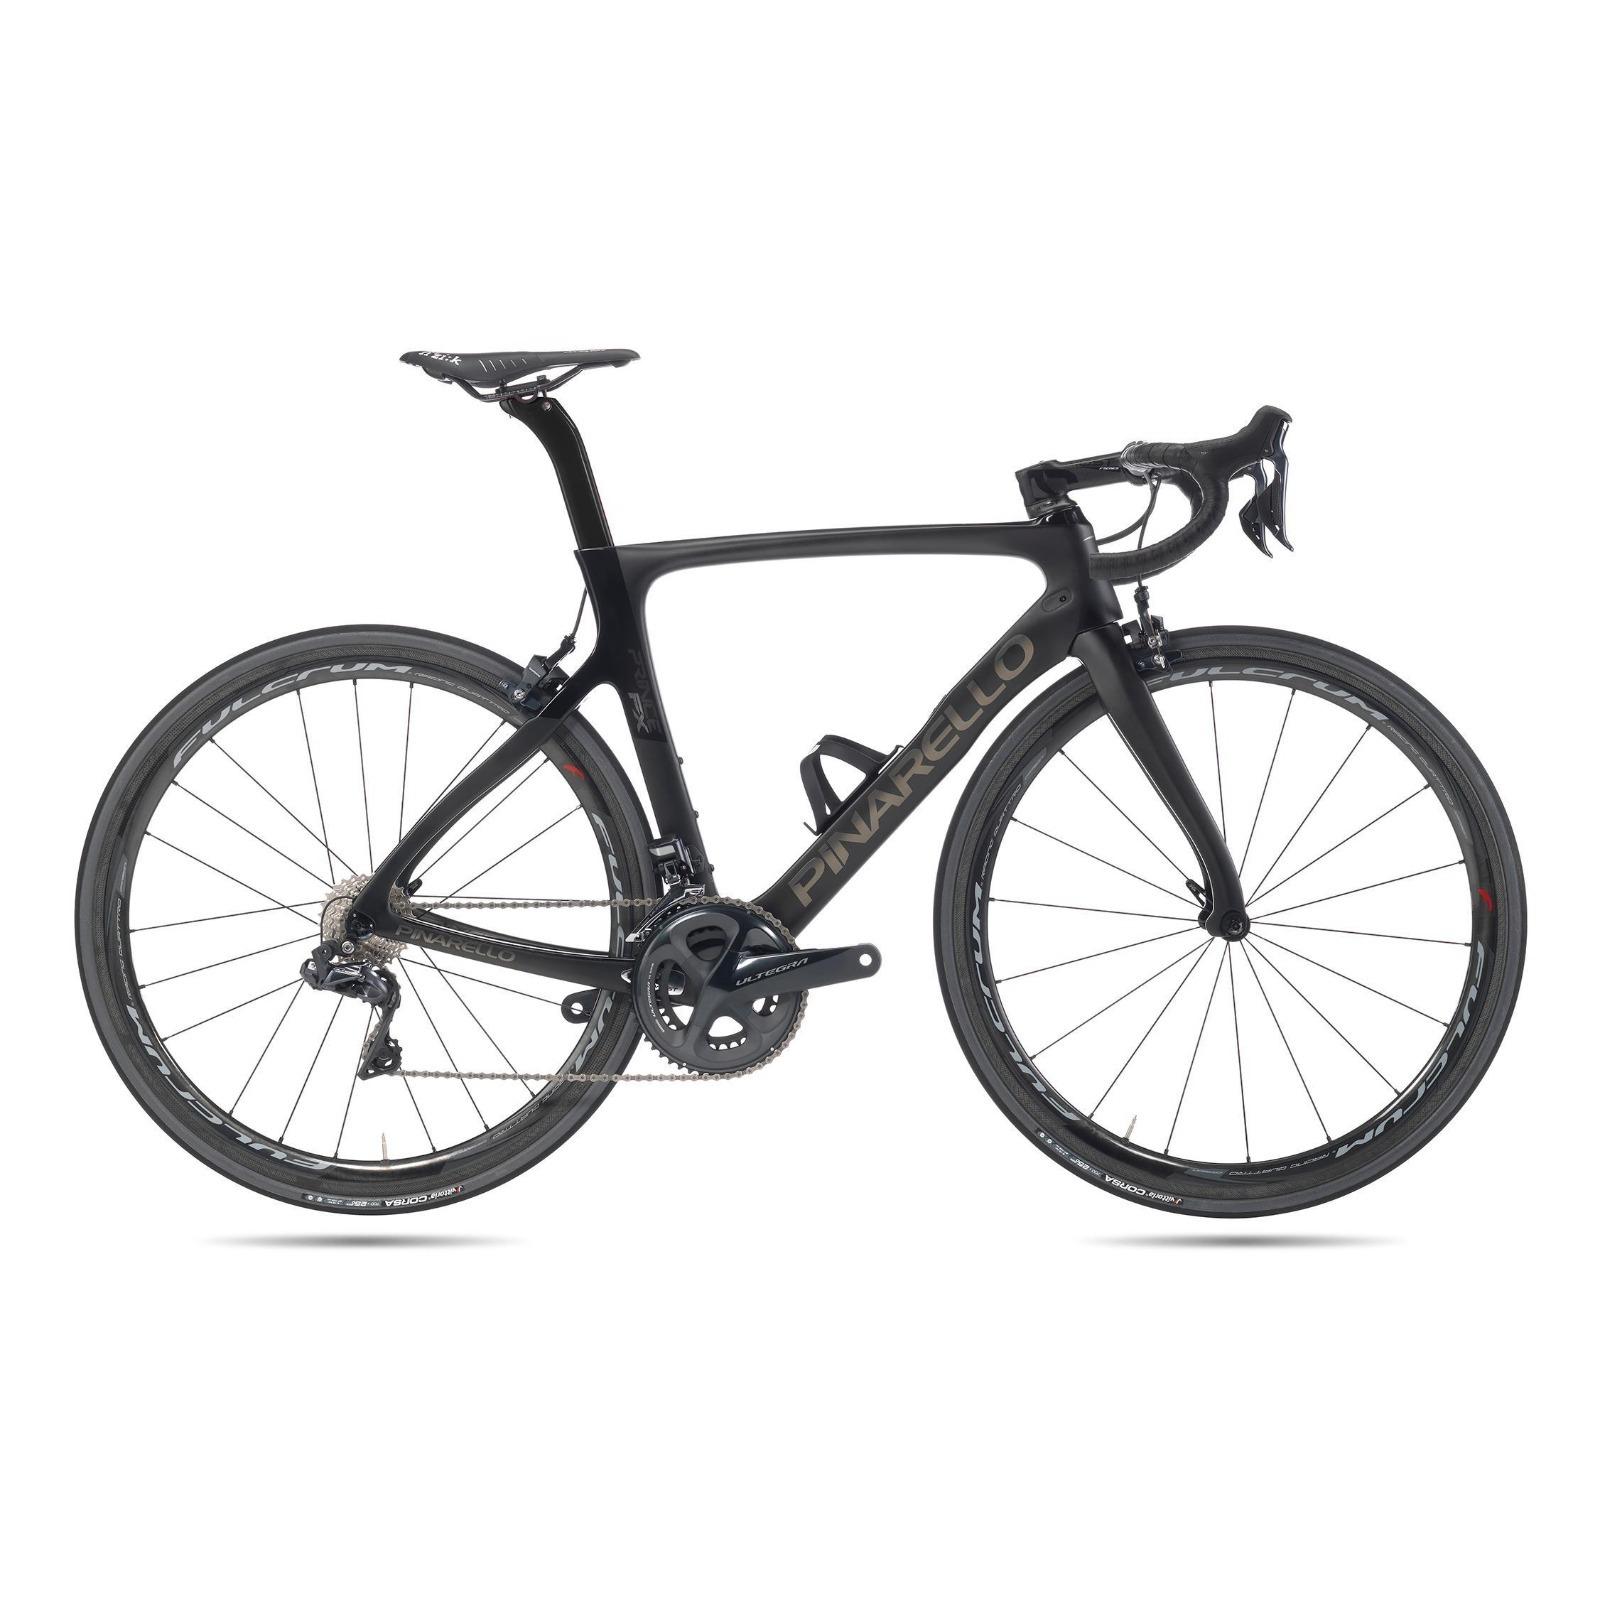 PINARELLO PRINCE - Noleggio bici da corsa Bormio